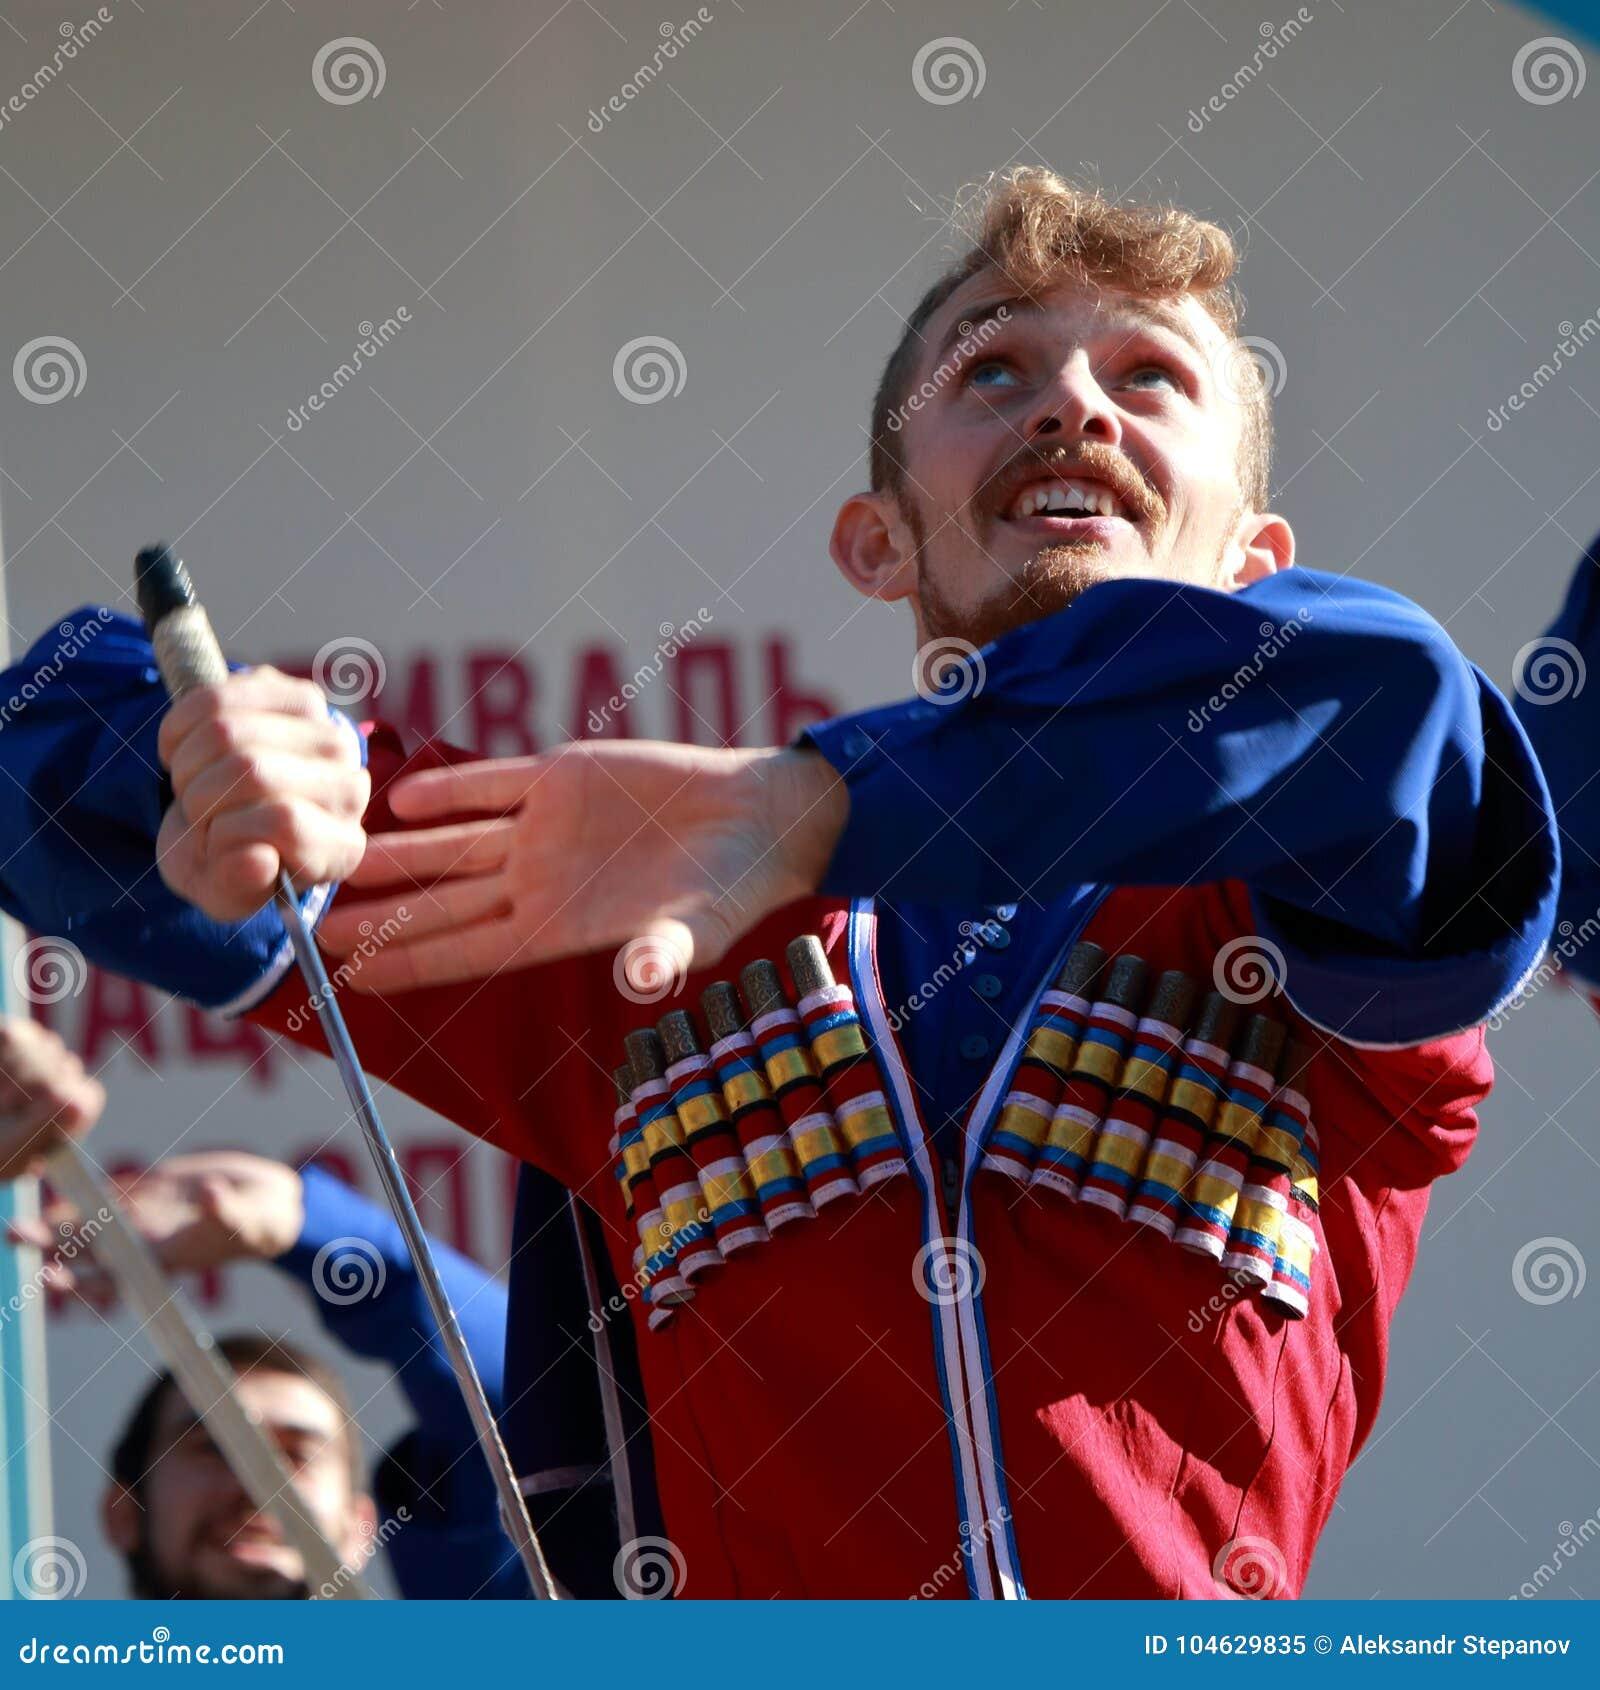 Download De Kozakdans Met Sabels In Traditionele Kleren Rusland Redactionele Afbeelding - Afbeelding bestaande uit openlucht, viering: 104629835